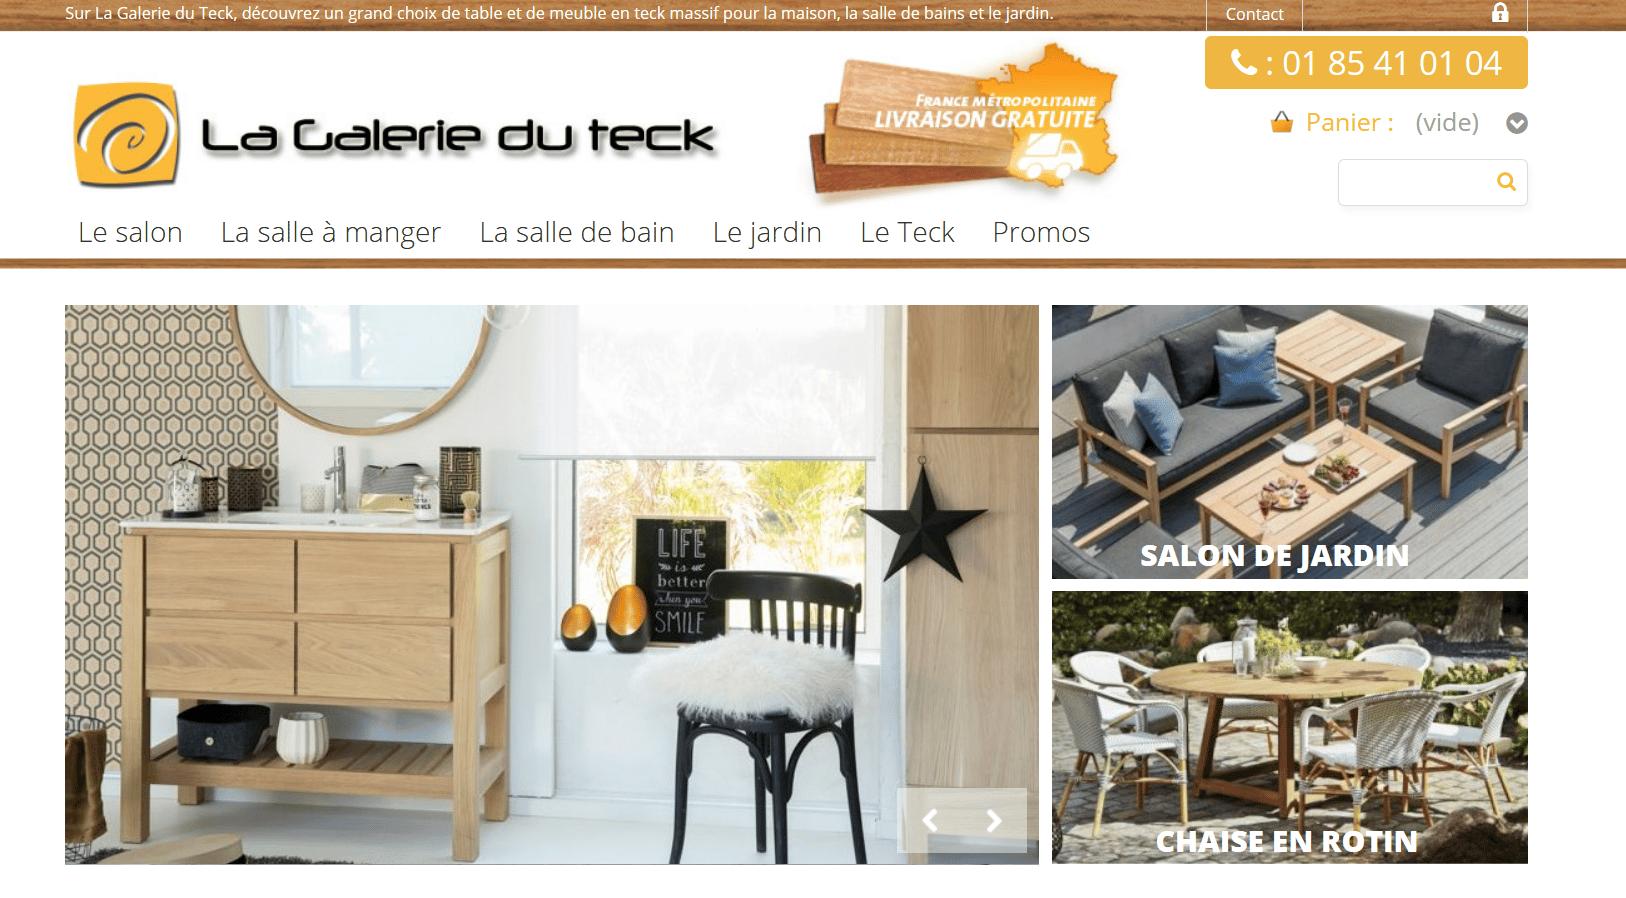 La Galerie du Teck : spécialiste des meubles en teck - Top Societes